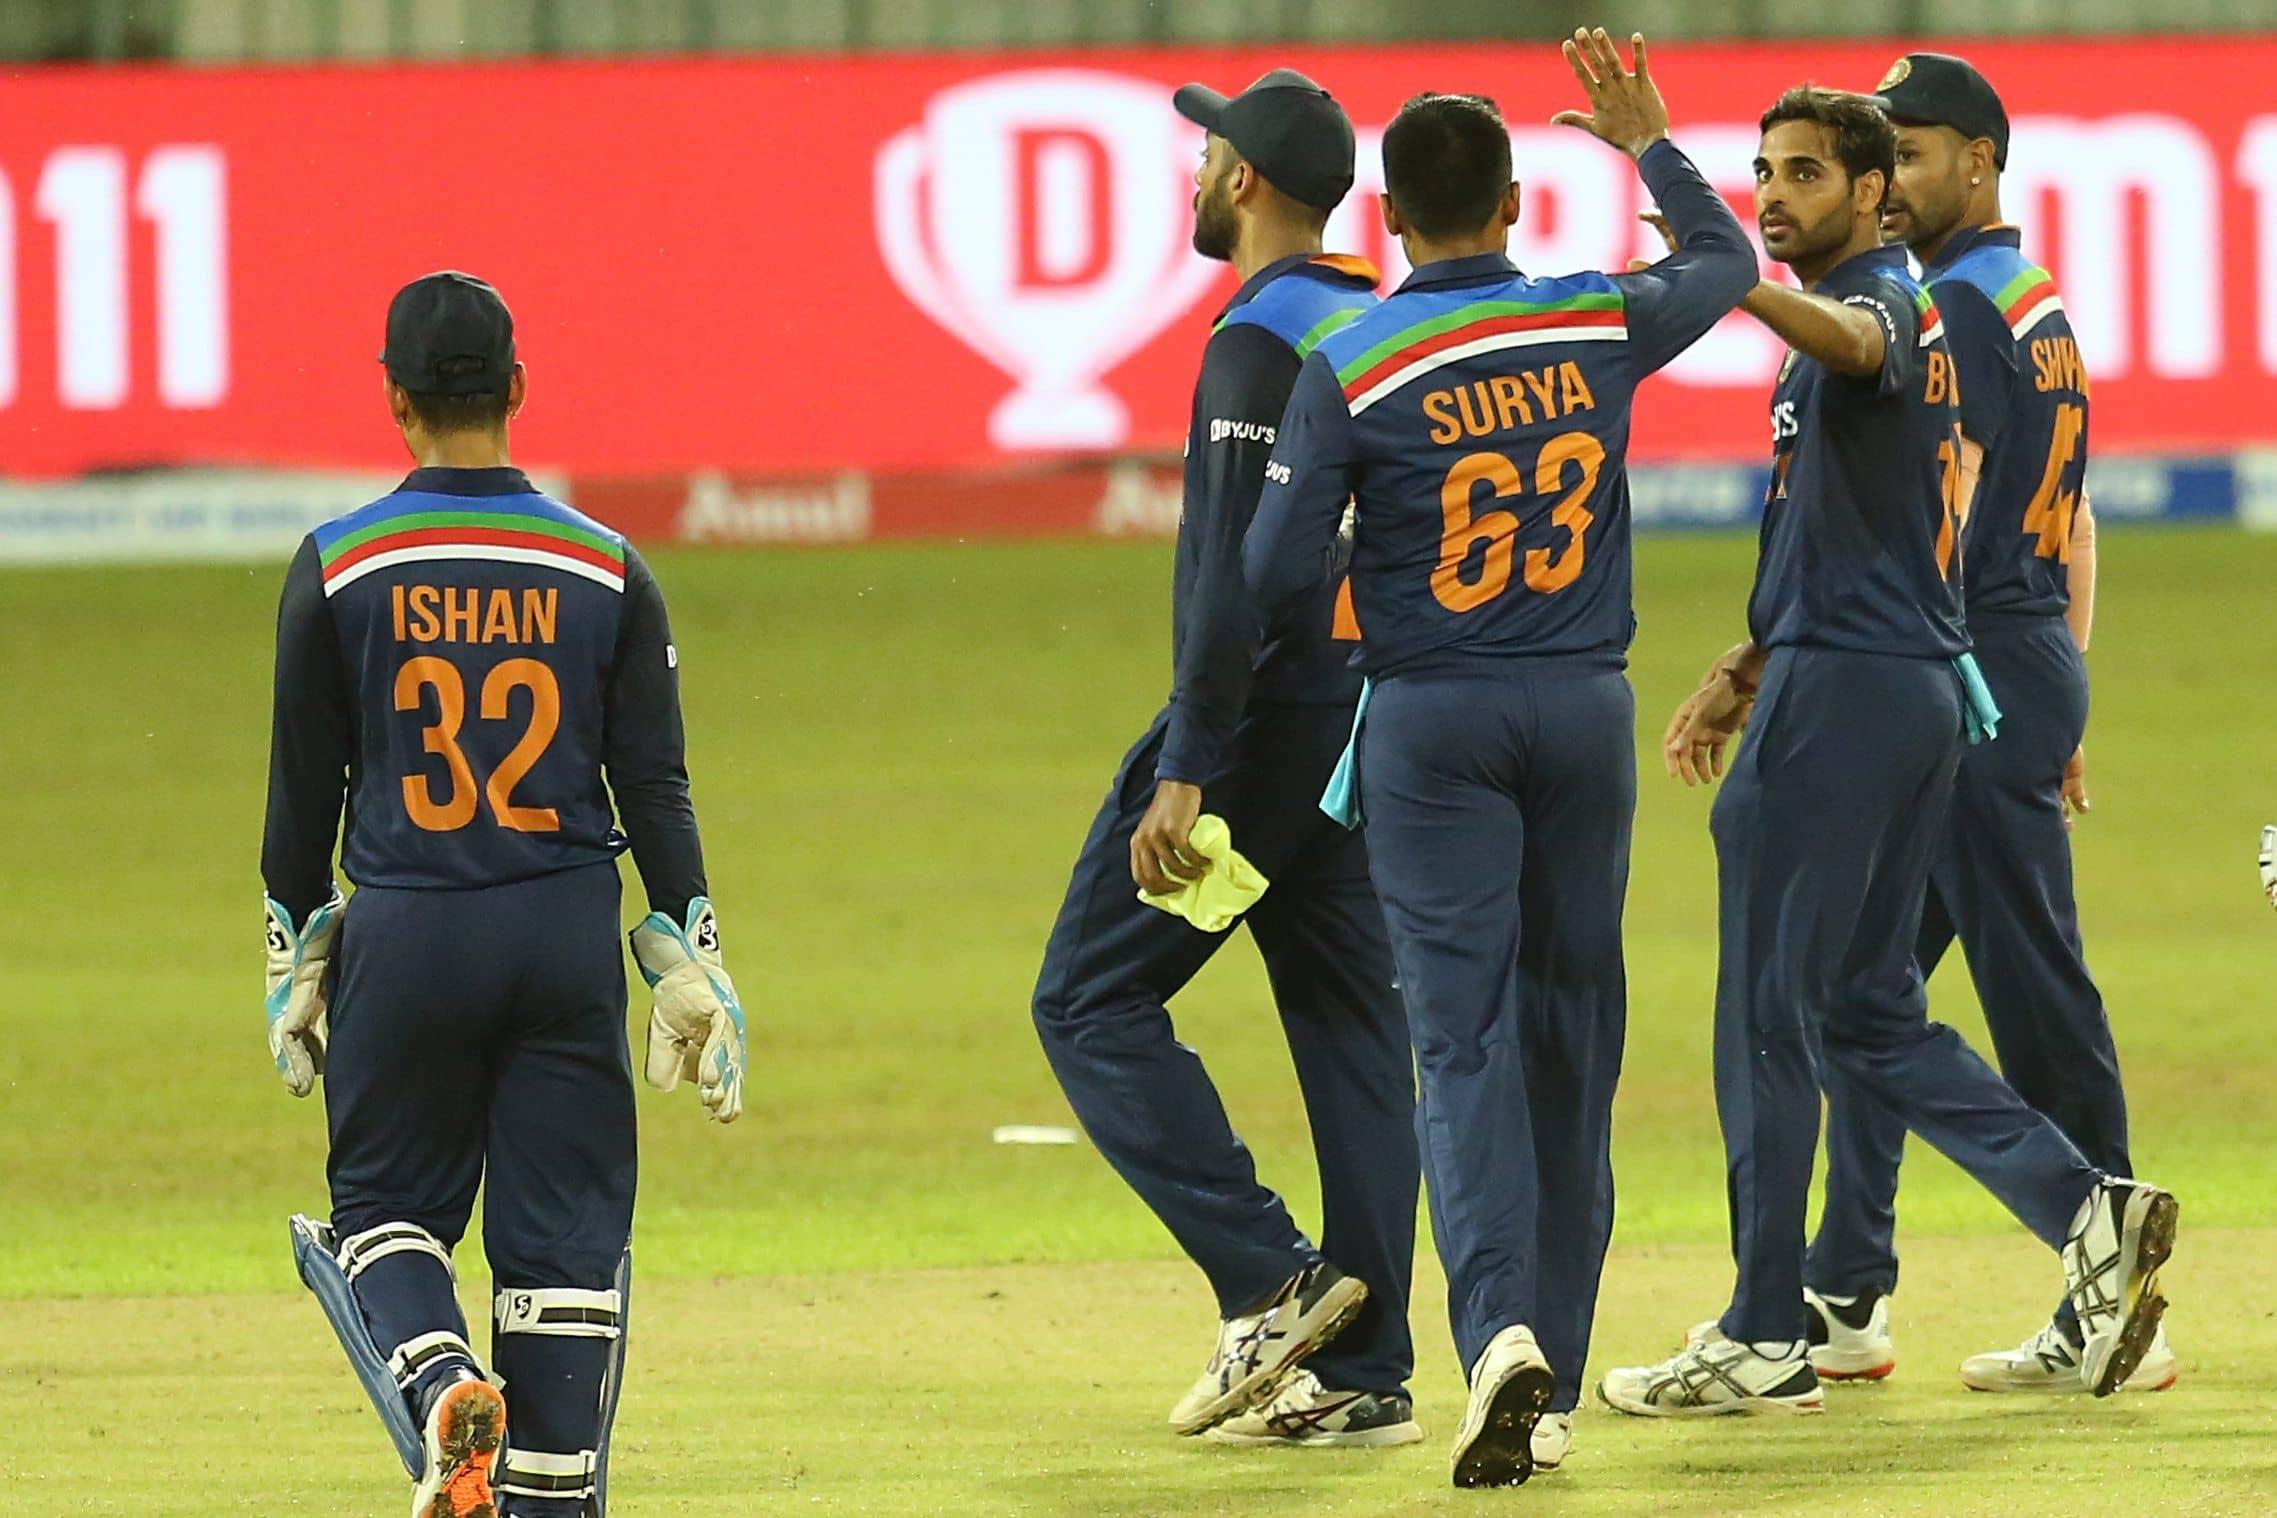 भारतीय टीम श्रीलंका के खिलाफ मंगलवार को कोलंबो में दूसरे मैच में जीत के साथ तीन मैचों की टी20 अंतरराष्ट्रीय क्रिकेट सीरीज अपने नाम करने के इरादे से उतरेगी तो उसे उम्मीद होगी कि संजू सैमसन अपनी प्रतिभा पर खरे उतरकर अपने प्रदर्शन में निरंतरता ला पाएंगे।